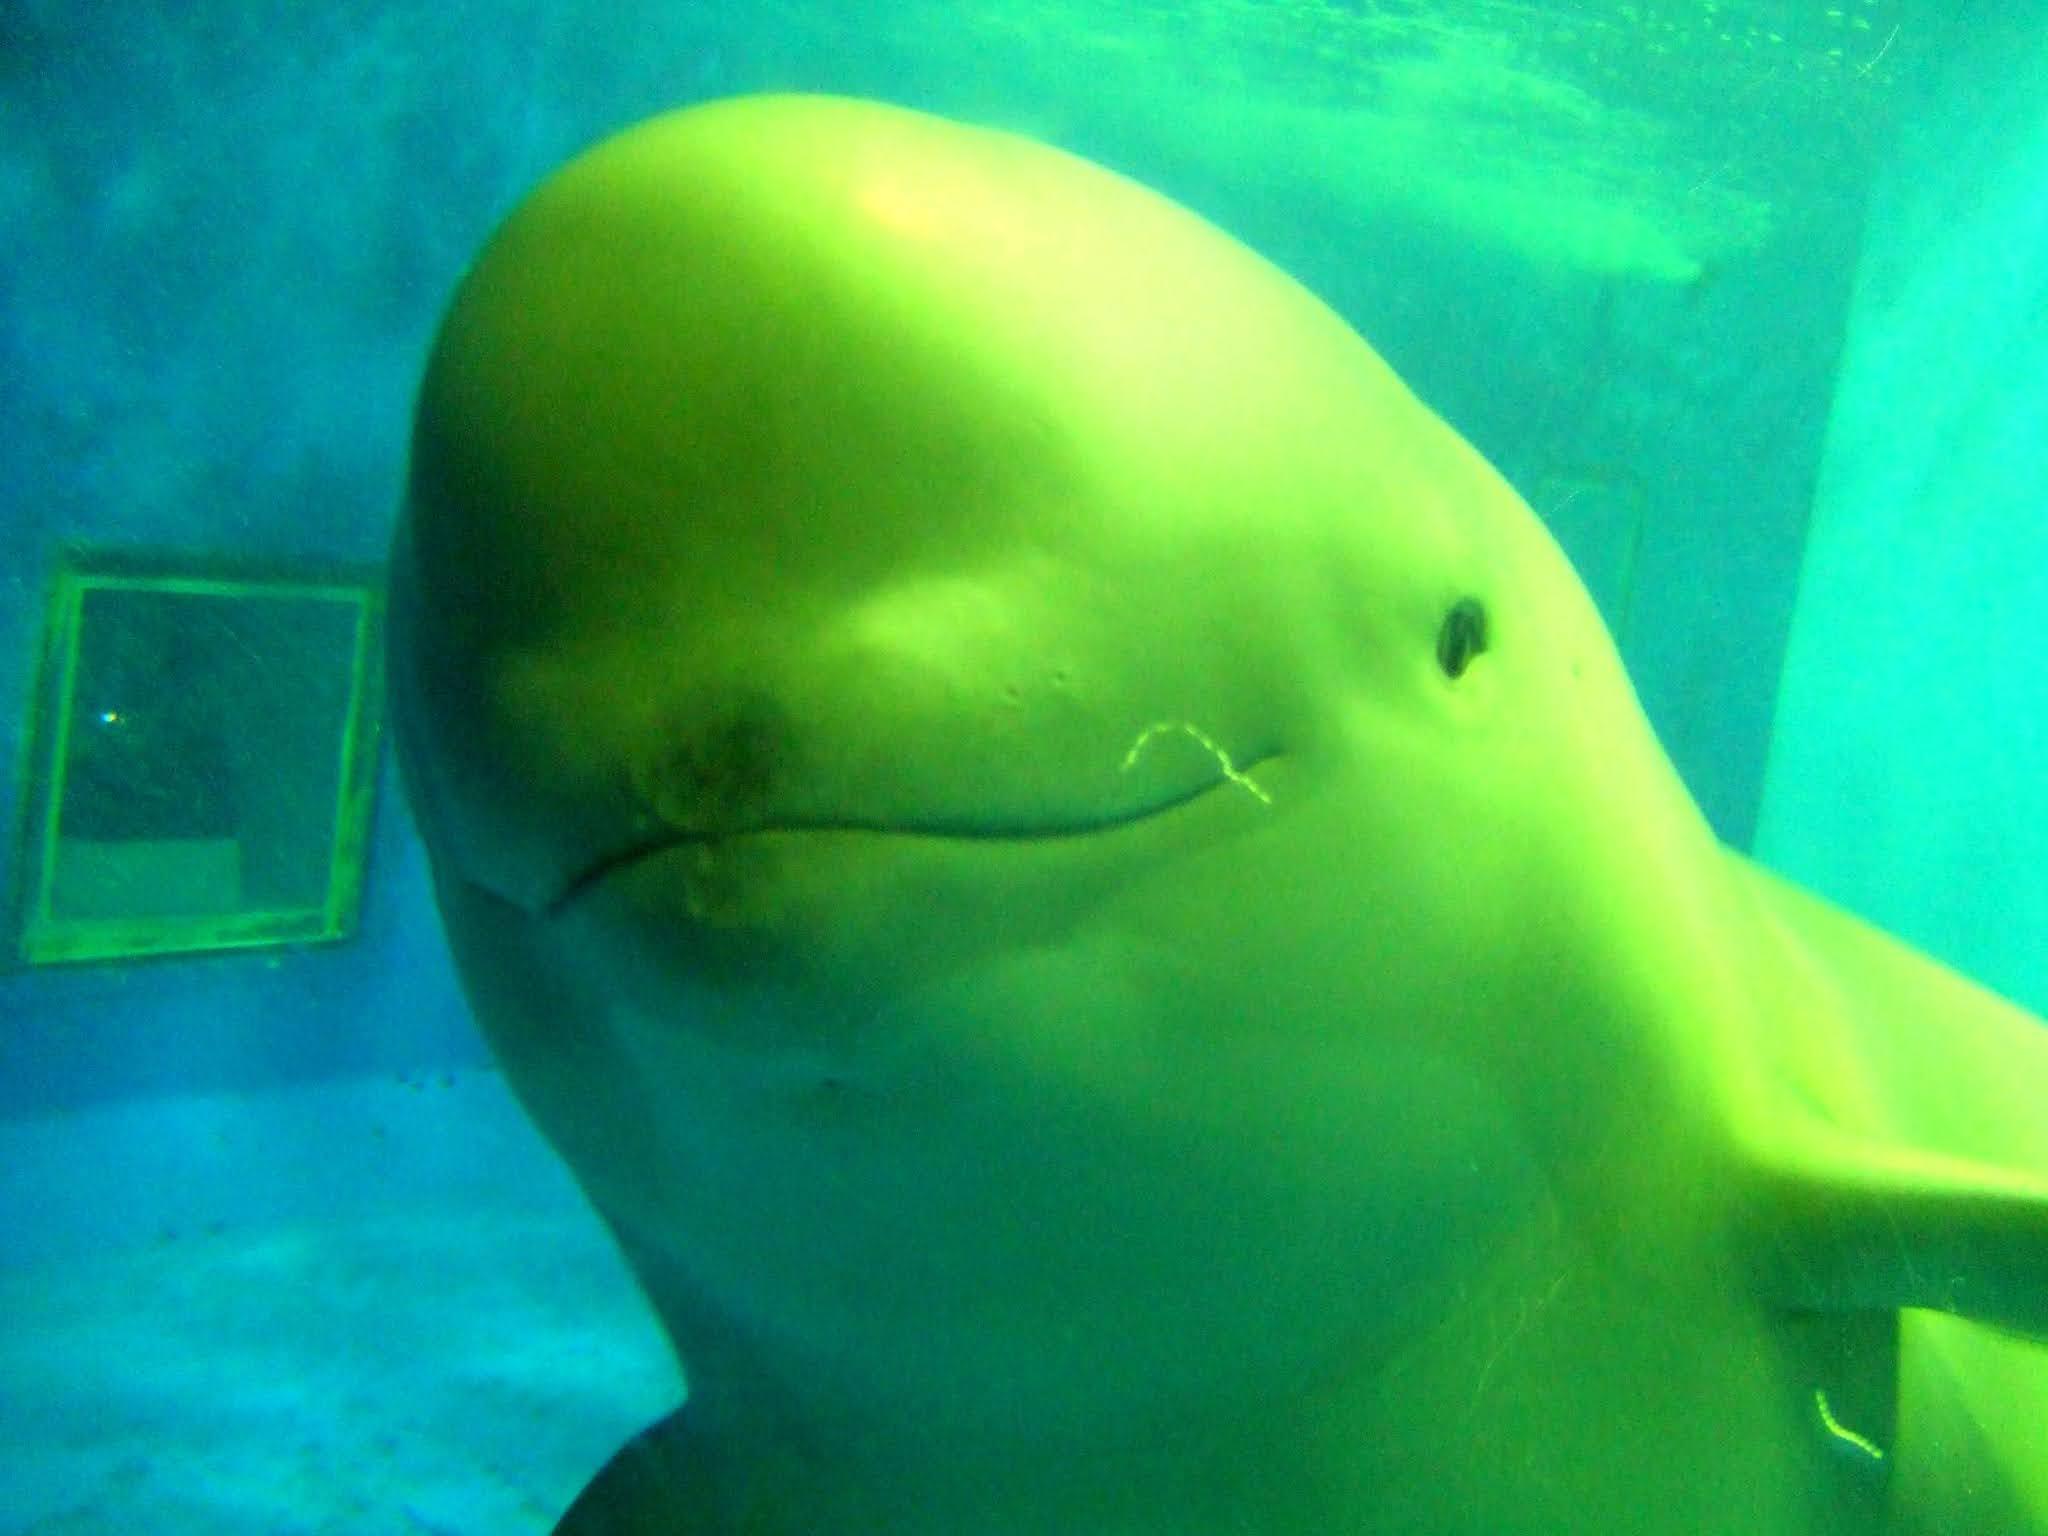 真正面を向いて微笑む水族館のスナメリの写真素材です。